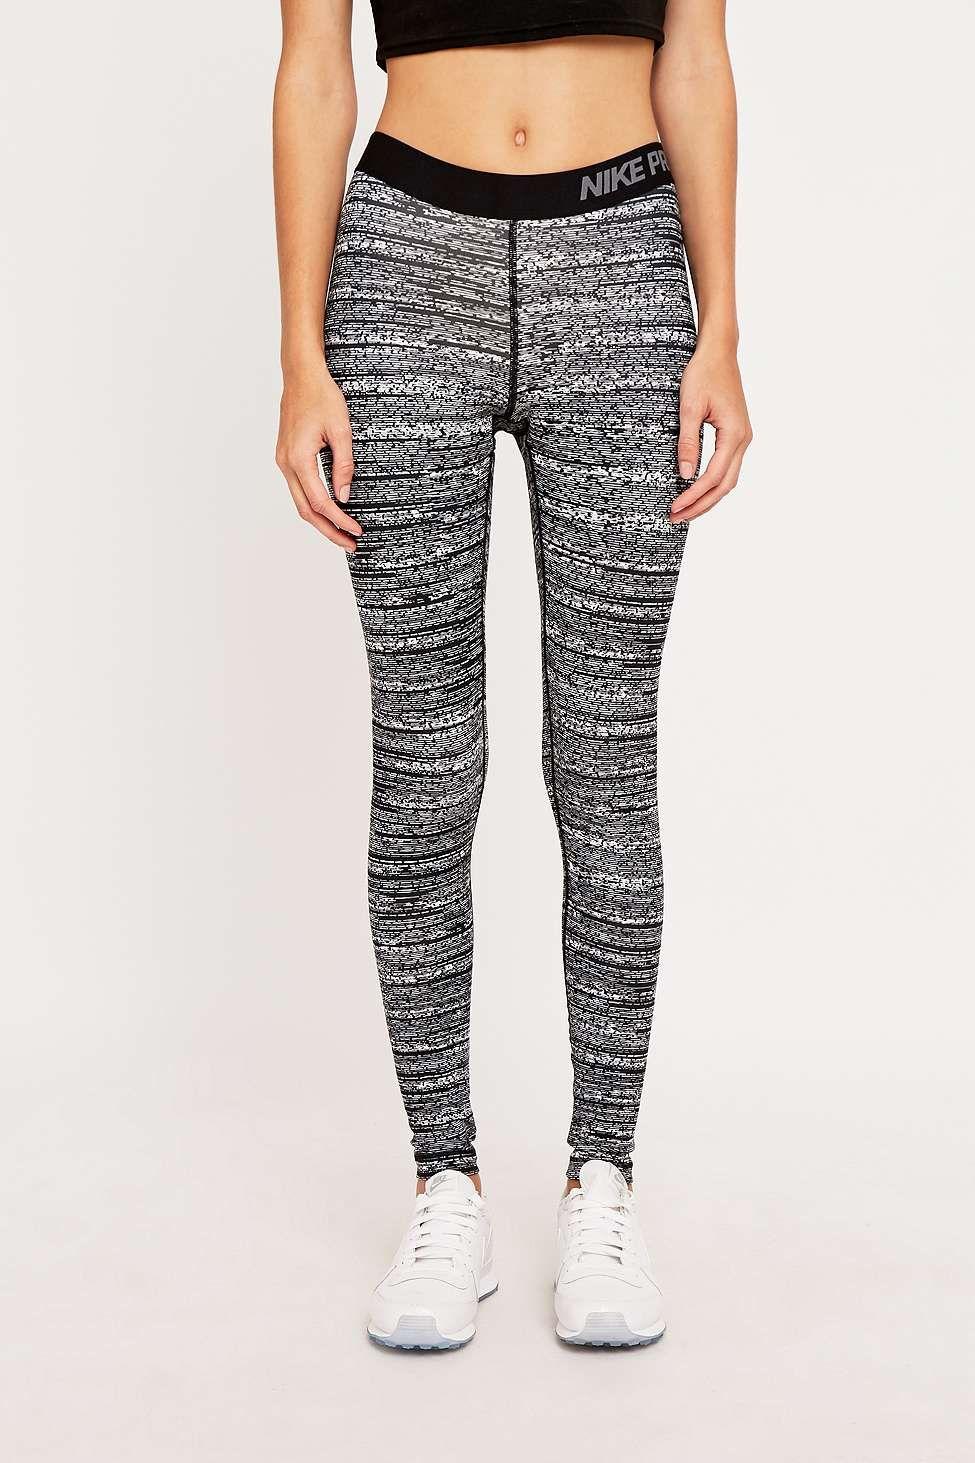 2bdc2d53968b3 Nike Pro Grey Print Leggings | WISH LIST | Printed leggings, Nike ...